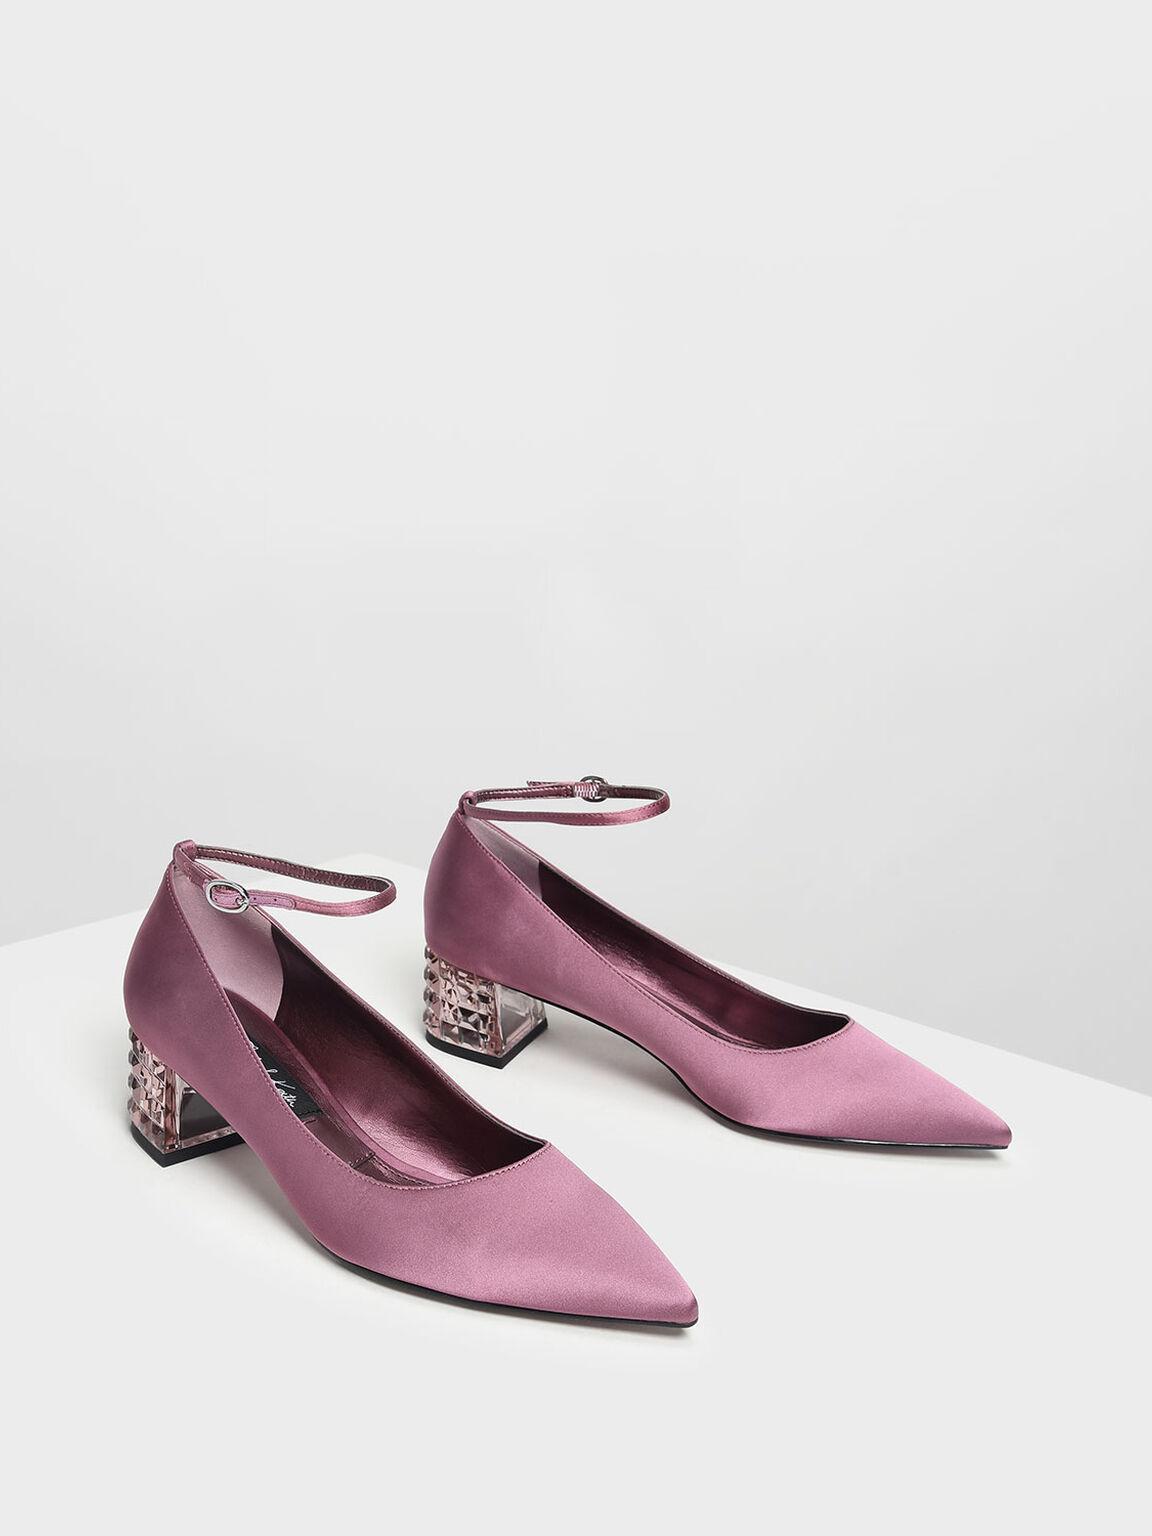 Faceted Lucite Heel Satin Pumps, Pink, hi-res